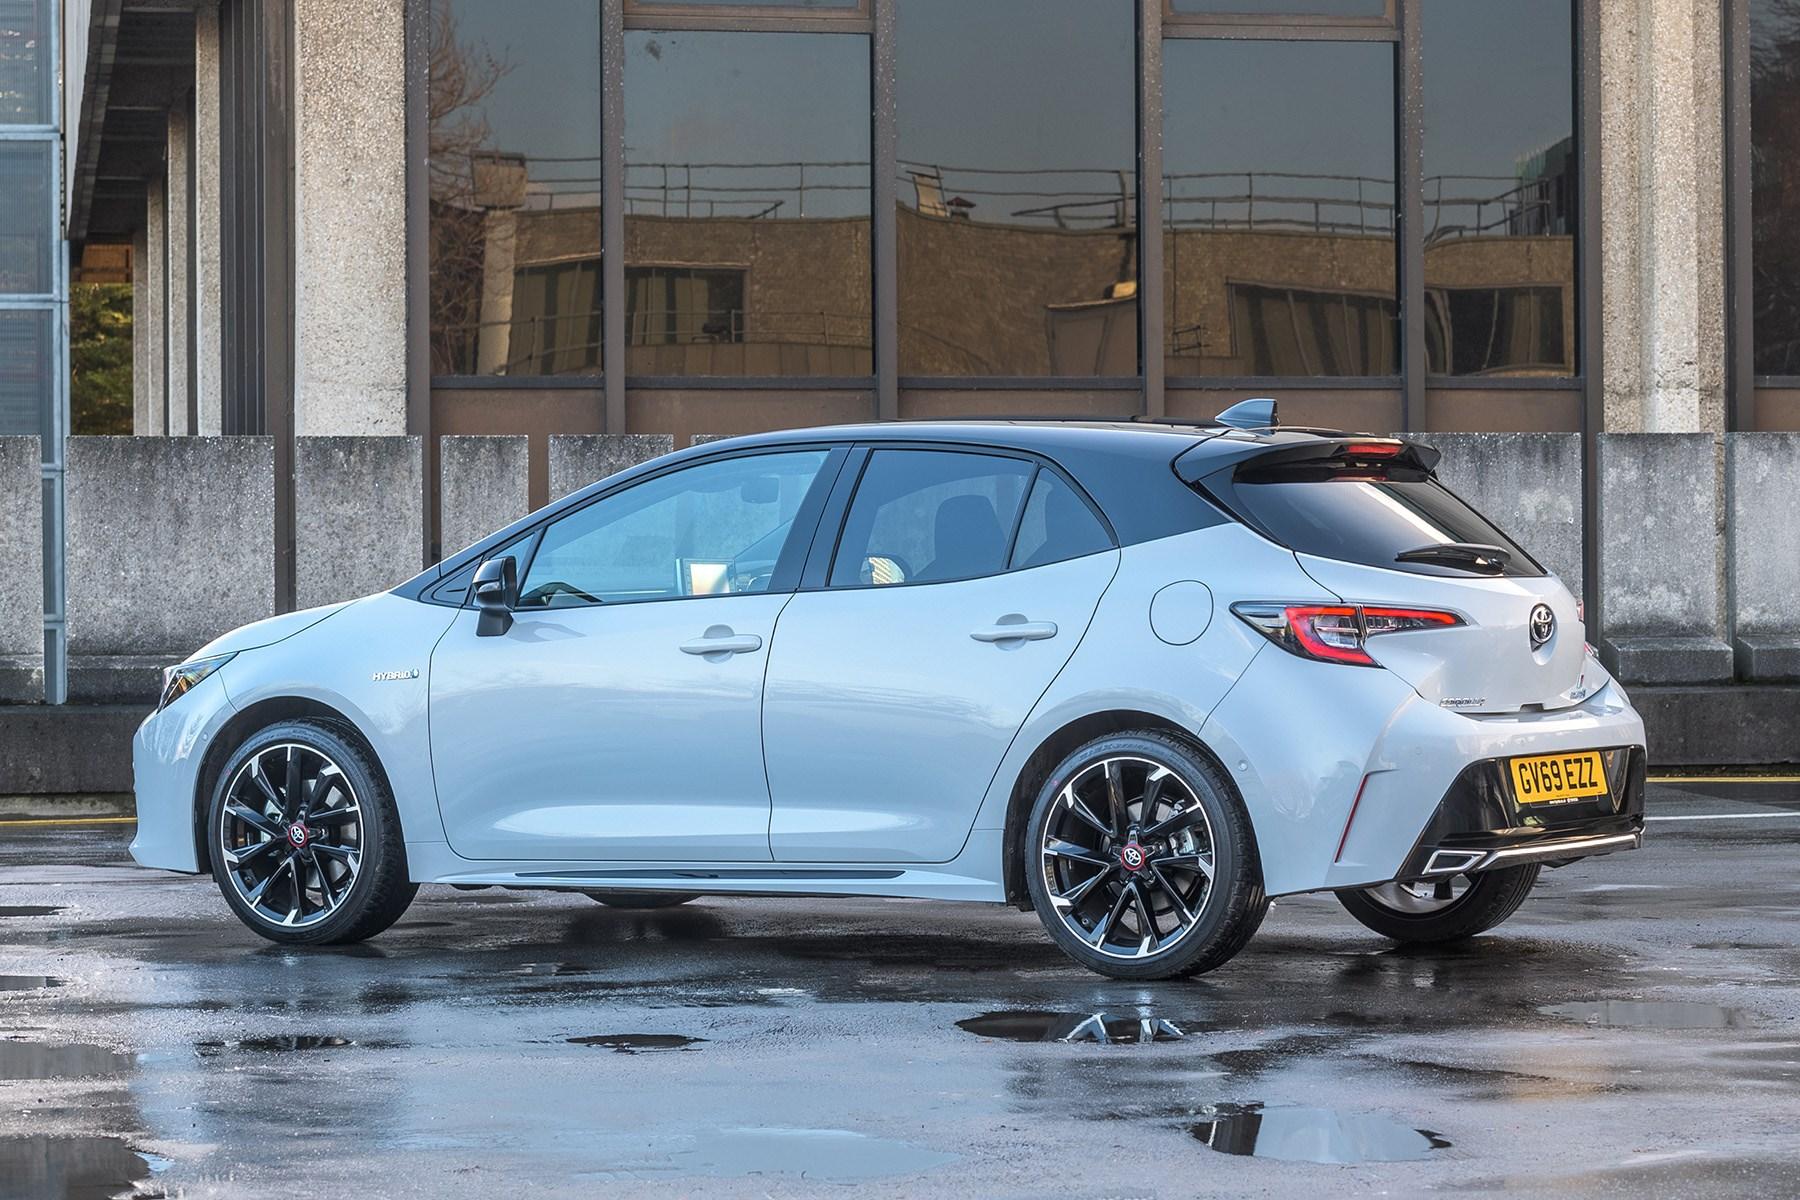 Toyota Corolla review: GR Sport rear 2019